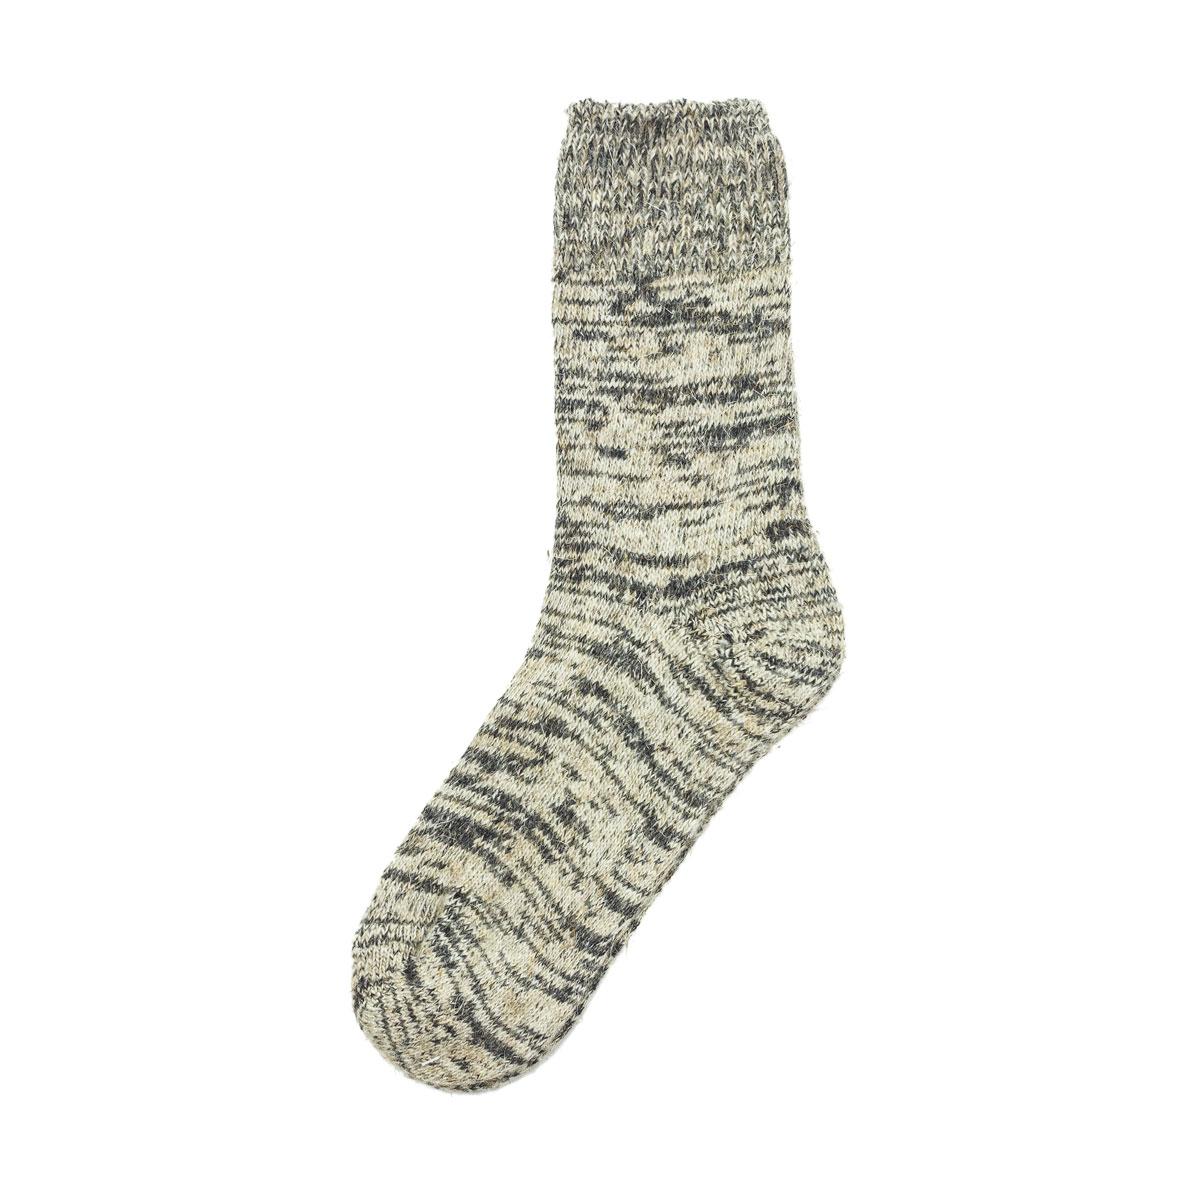 Жен. носки Шерстяные р. 36-39Носки и чулки<br><br><br>Тип: Жен. носки<br>Размер: 36-39<br>Материал: Овечья шерсть